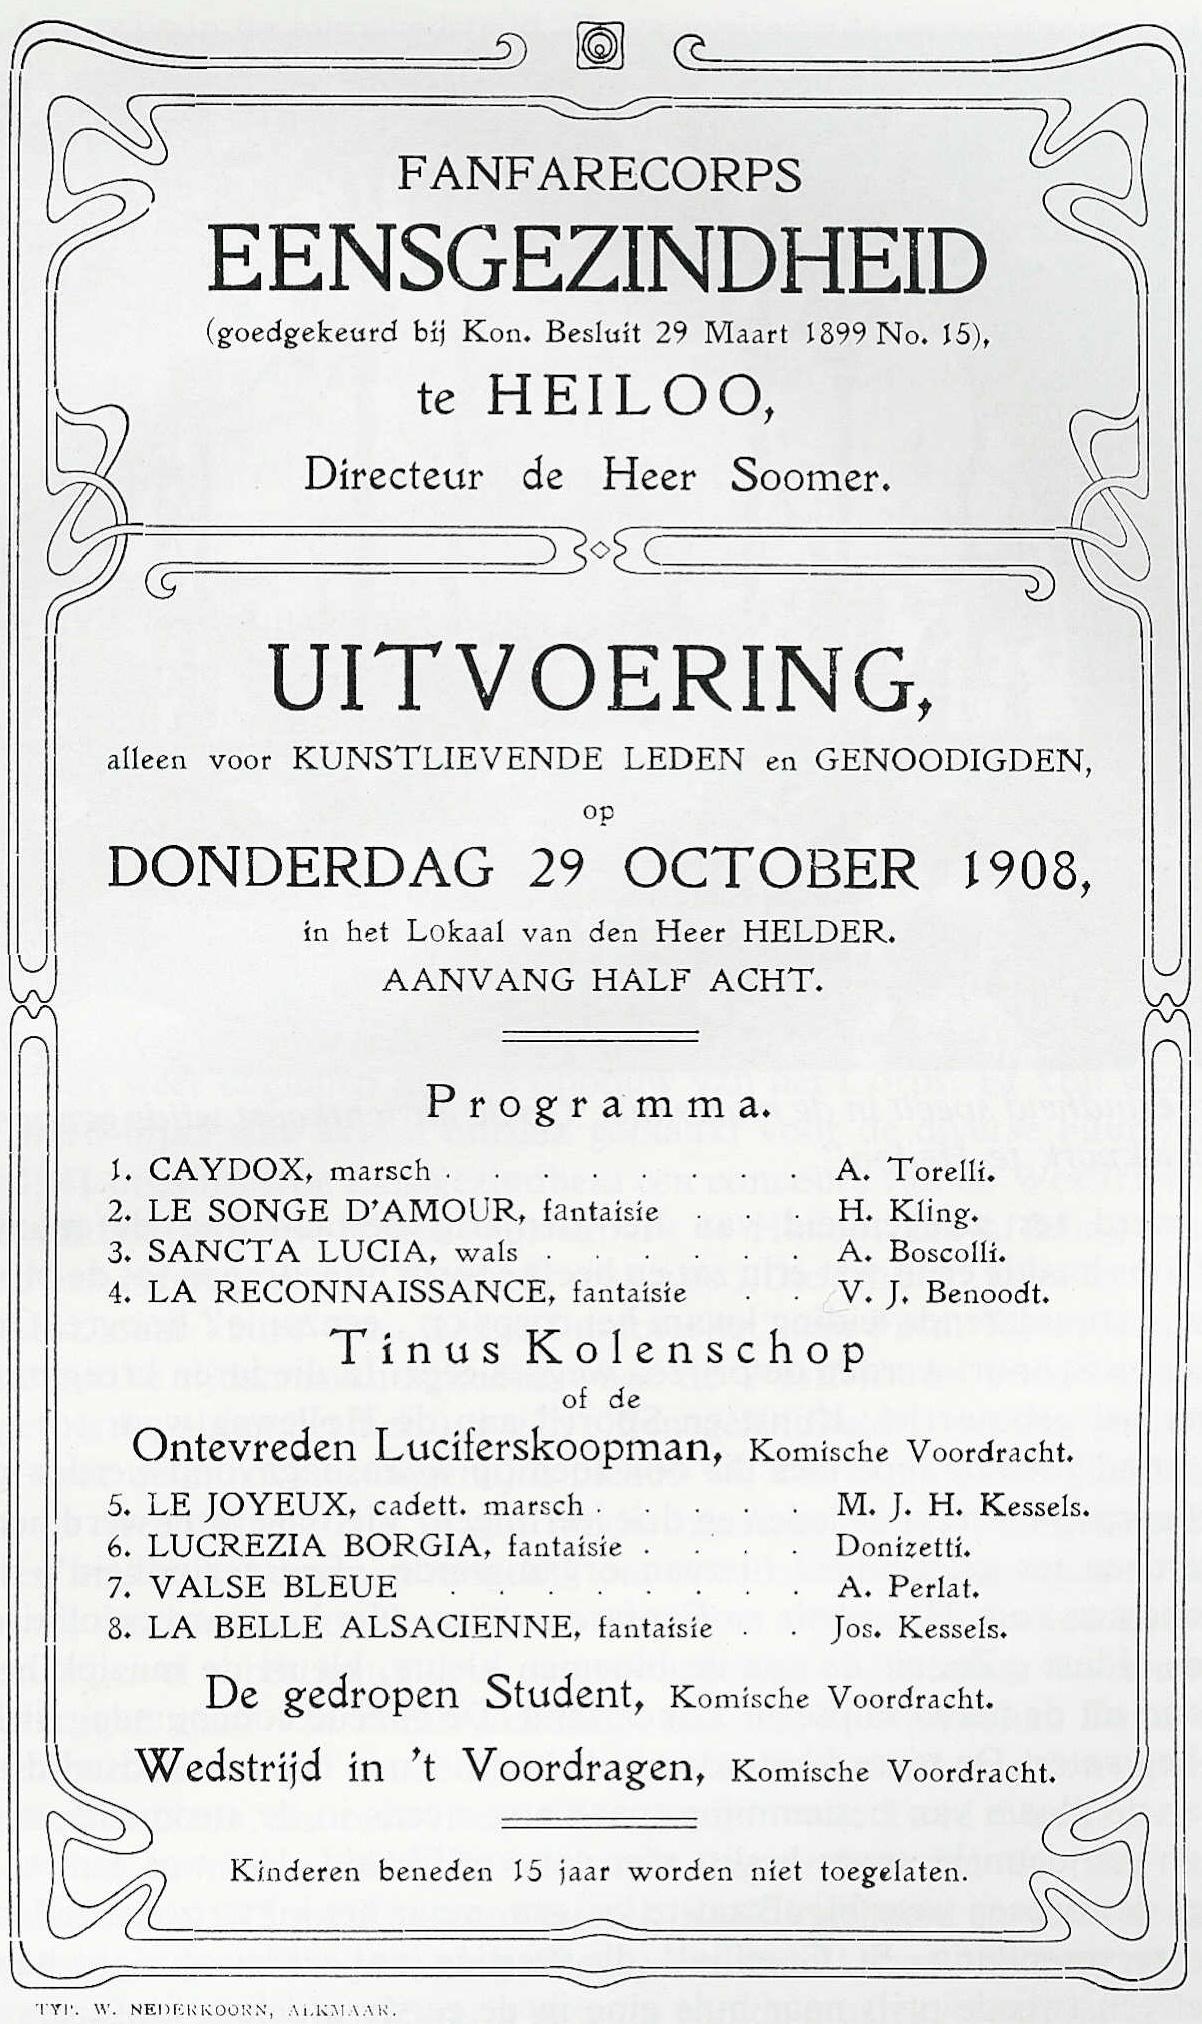 Programma Eensgezindheid 1908